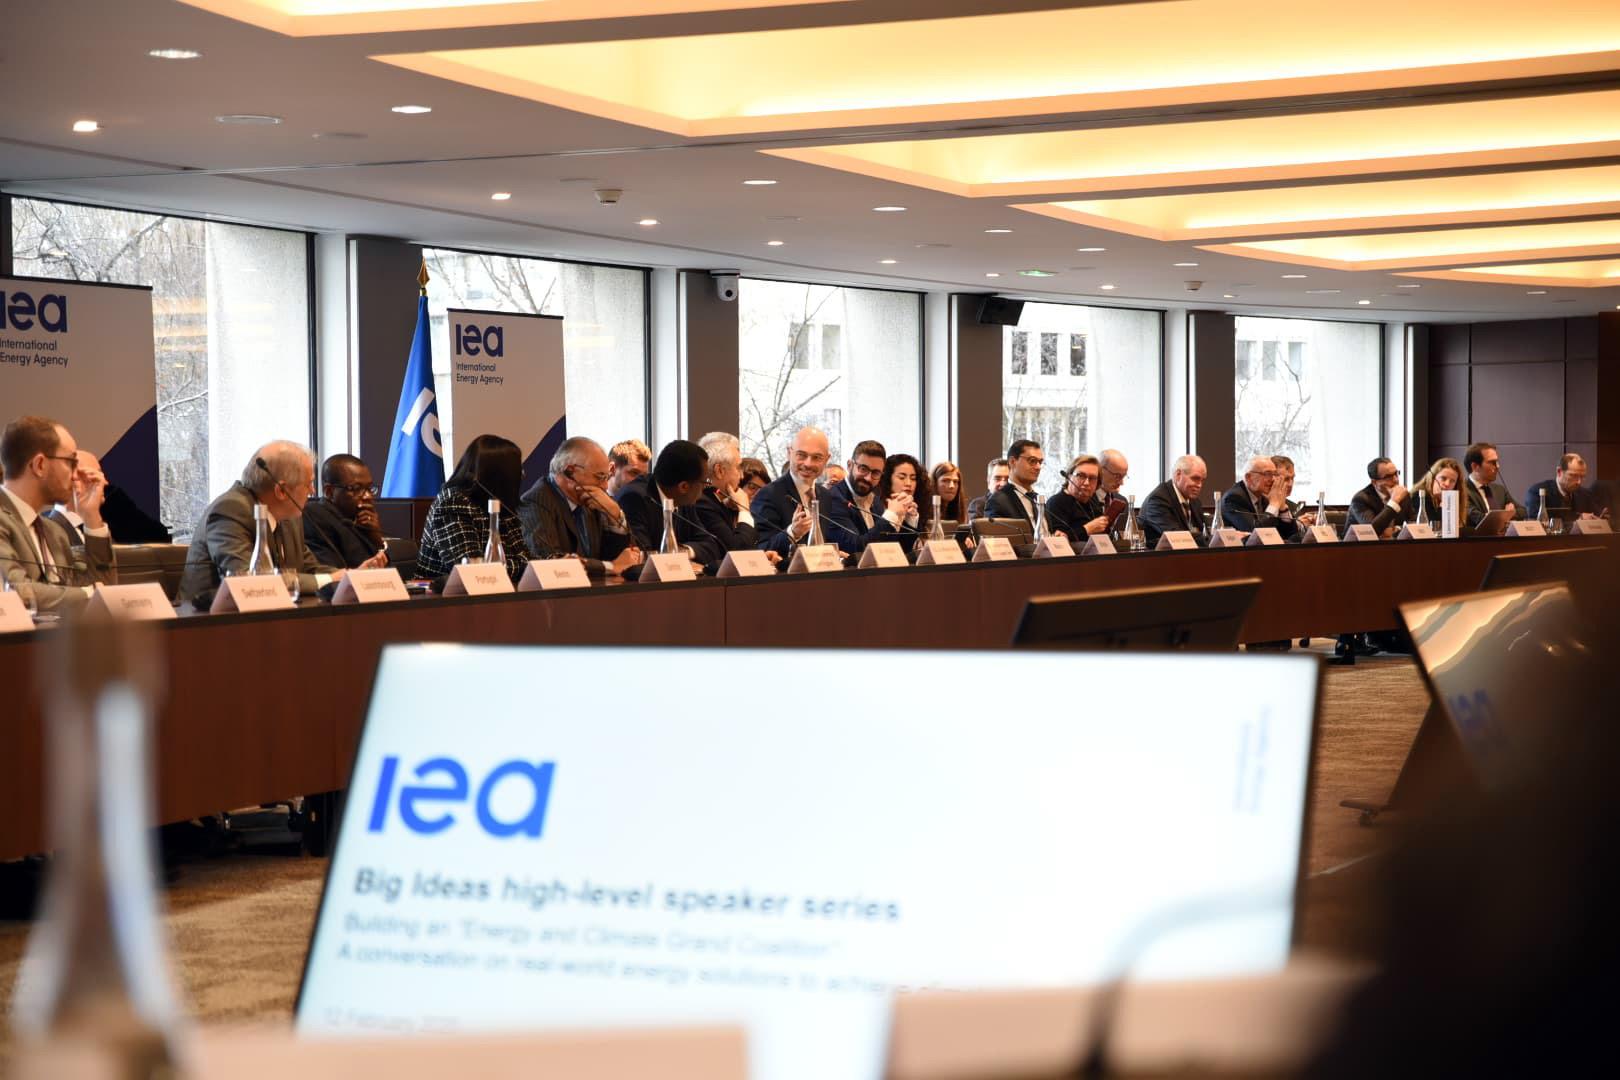 Minister klimatu Michał Kurtyka siedzi wśród innych przedstawicieli podczas debaty IEA w Paryżu